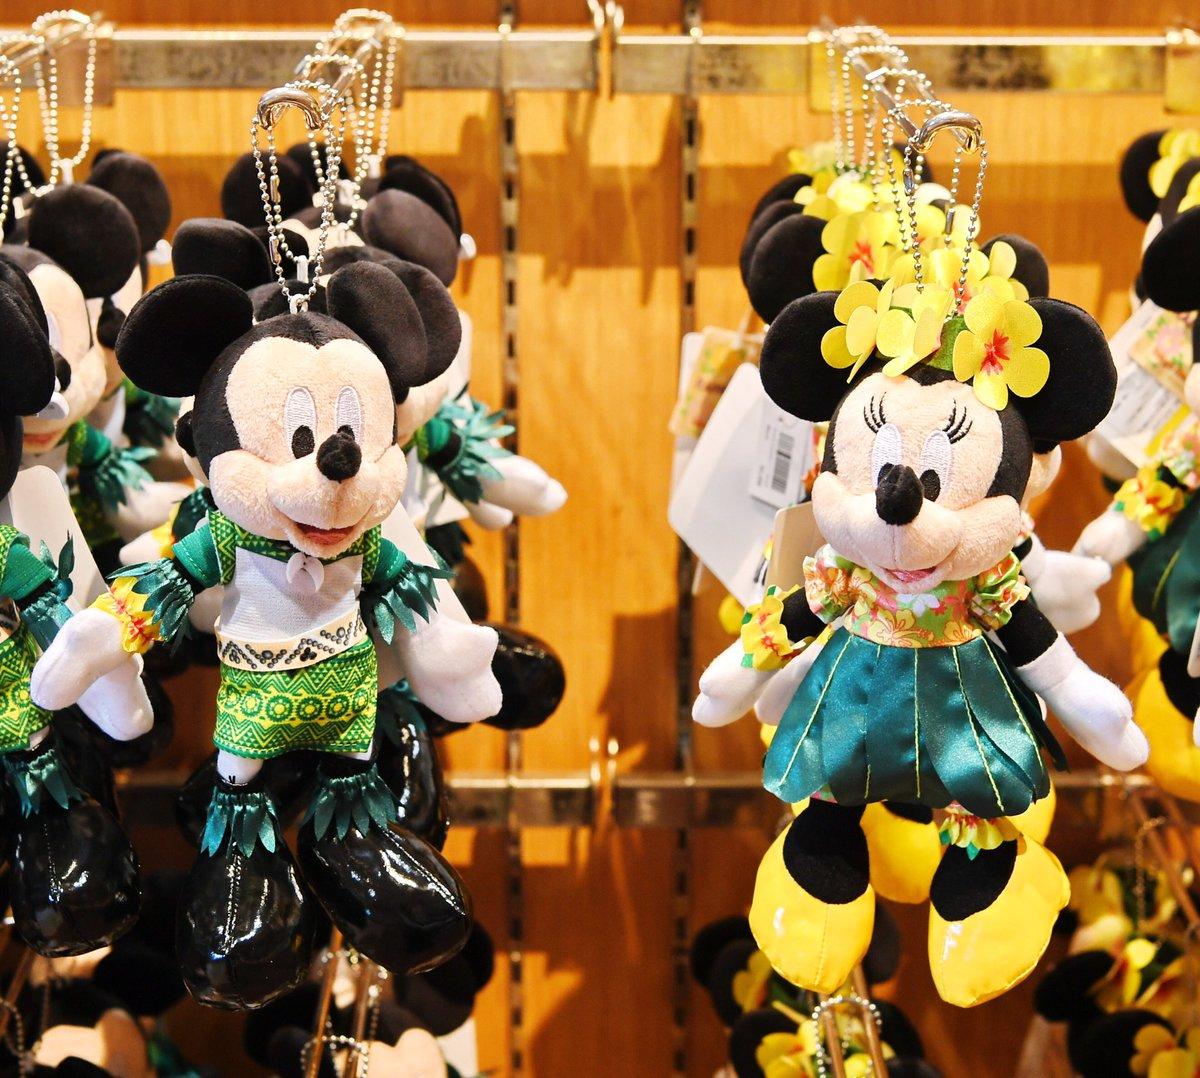 ミッキーのレインボー・ルアウのミッキー、ミニーぬいぐるみバッジ、本日新発売☆ 各価格2200円です。…